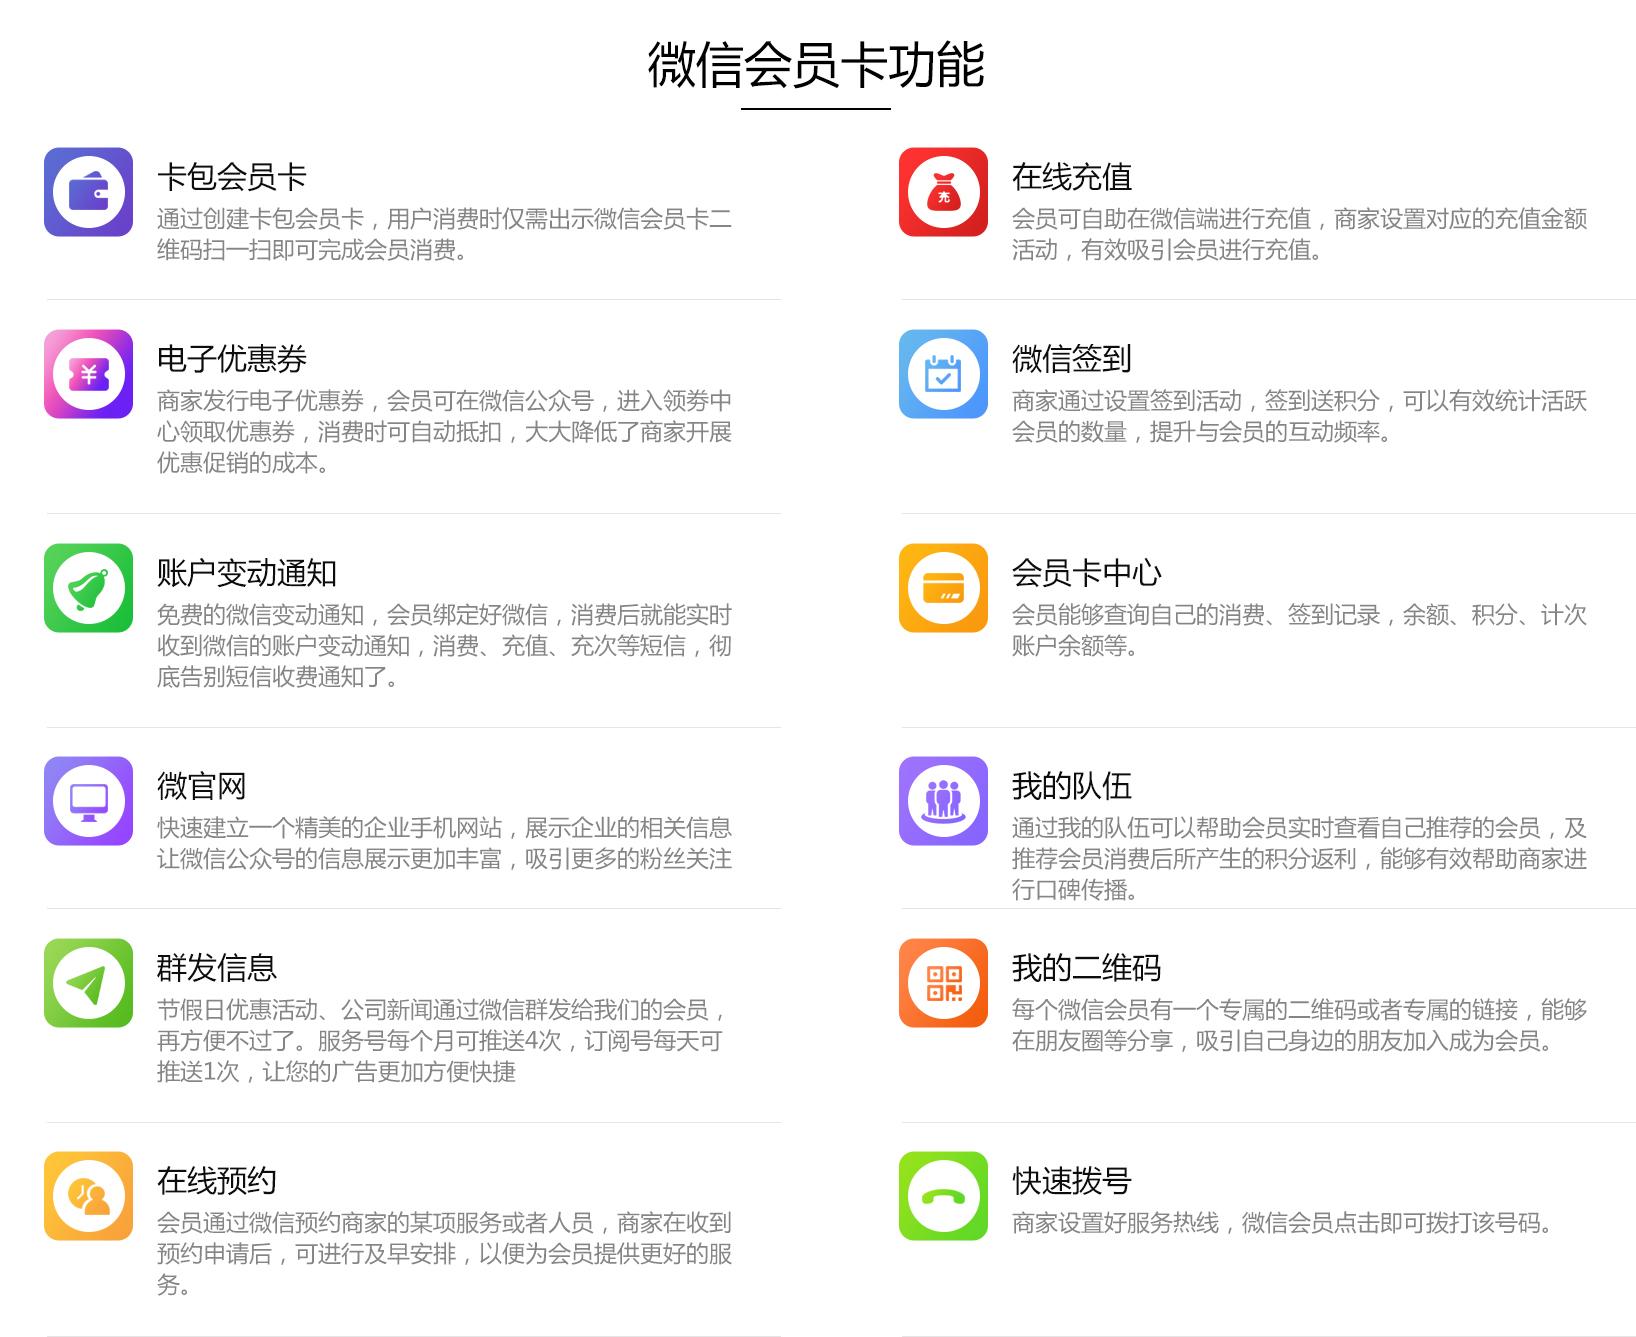 微信会员卡功能.jpg